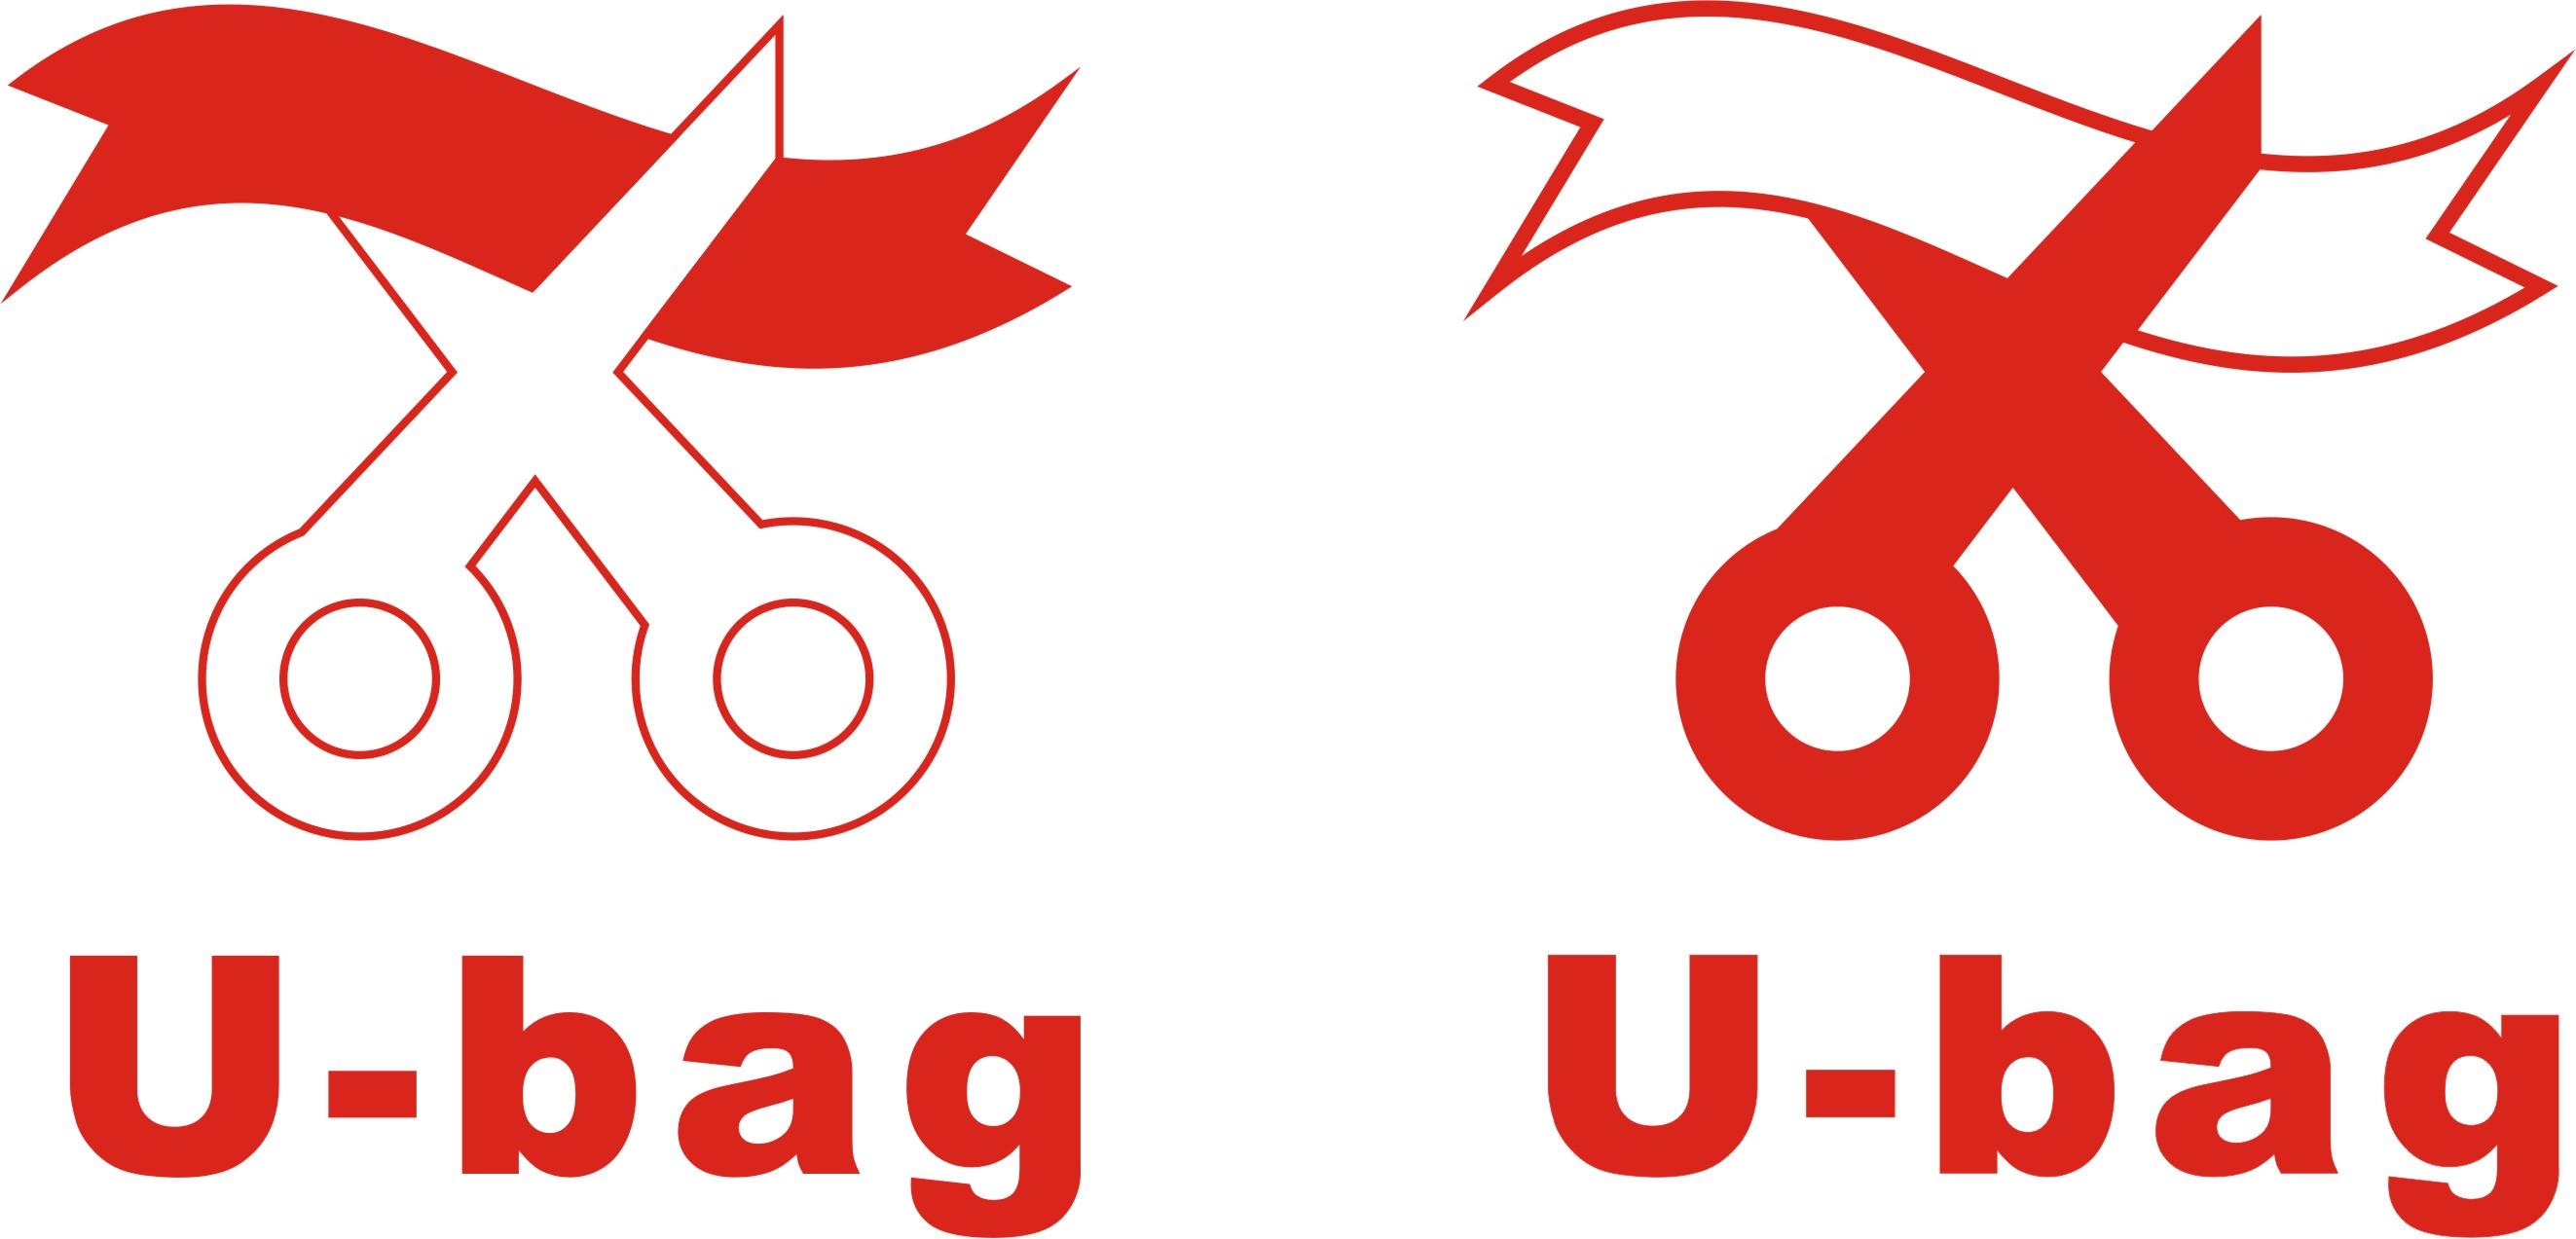 背包的logo-创意杂货店logo设计 (2071x902)